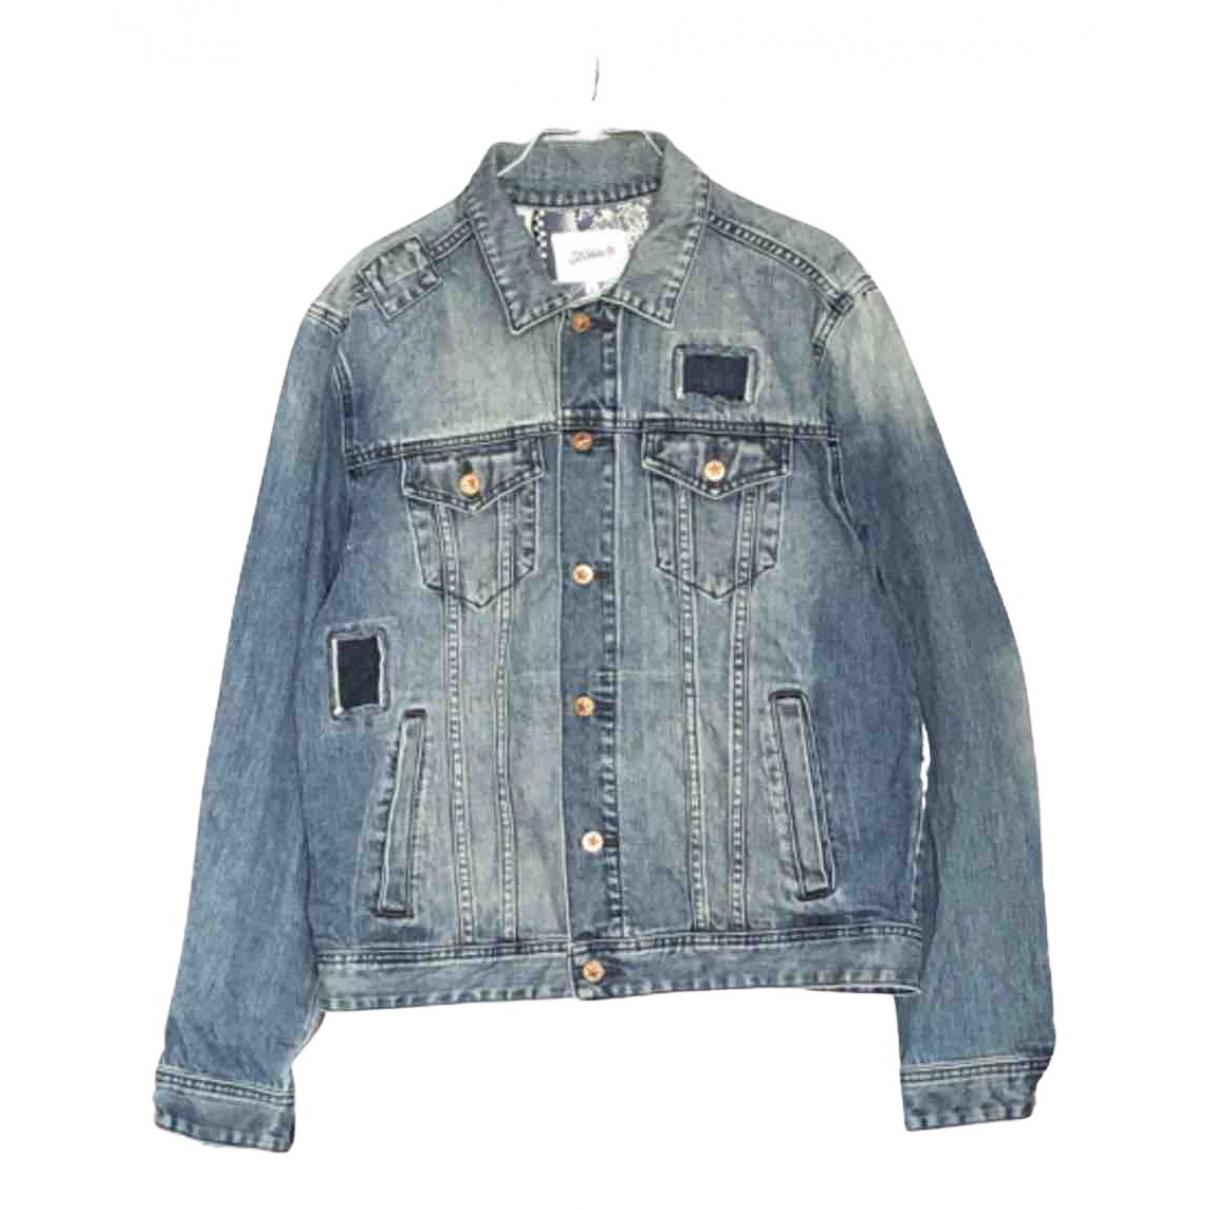 Jean Paul Gaultier \N Jacke in  Blau Denim - Jeans